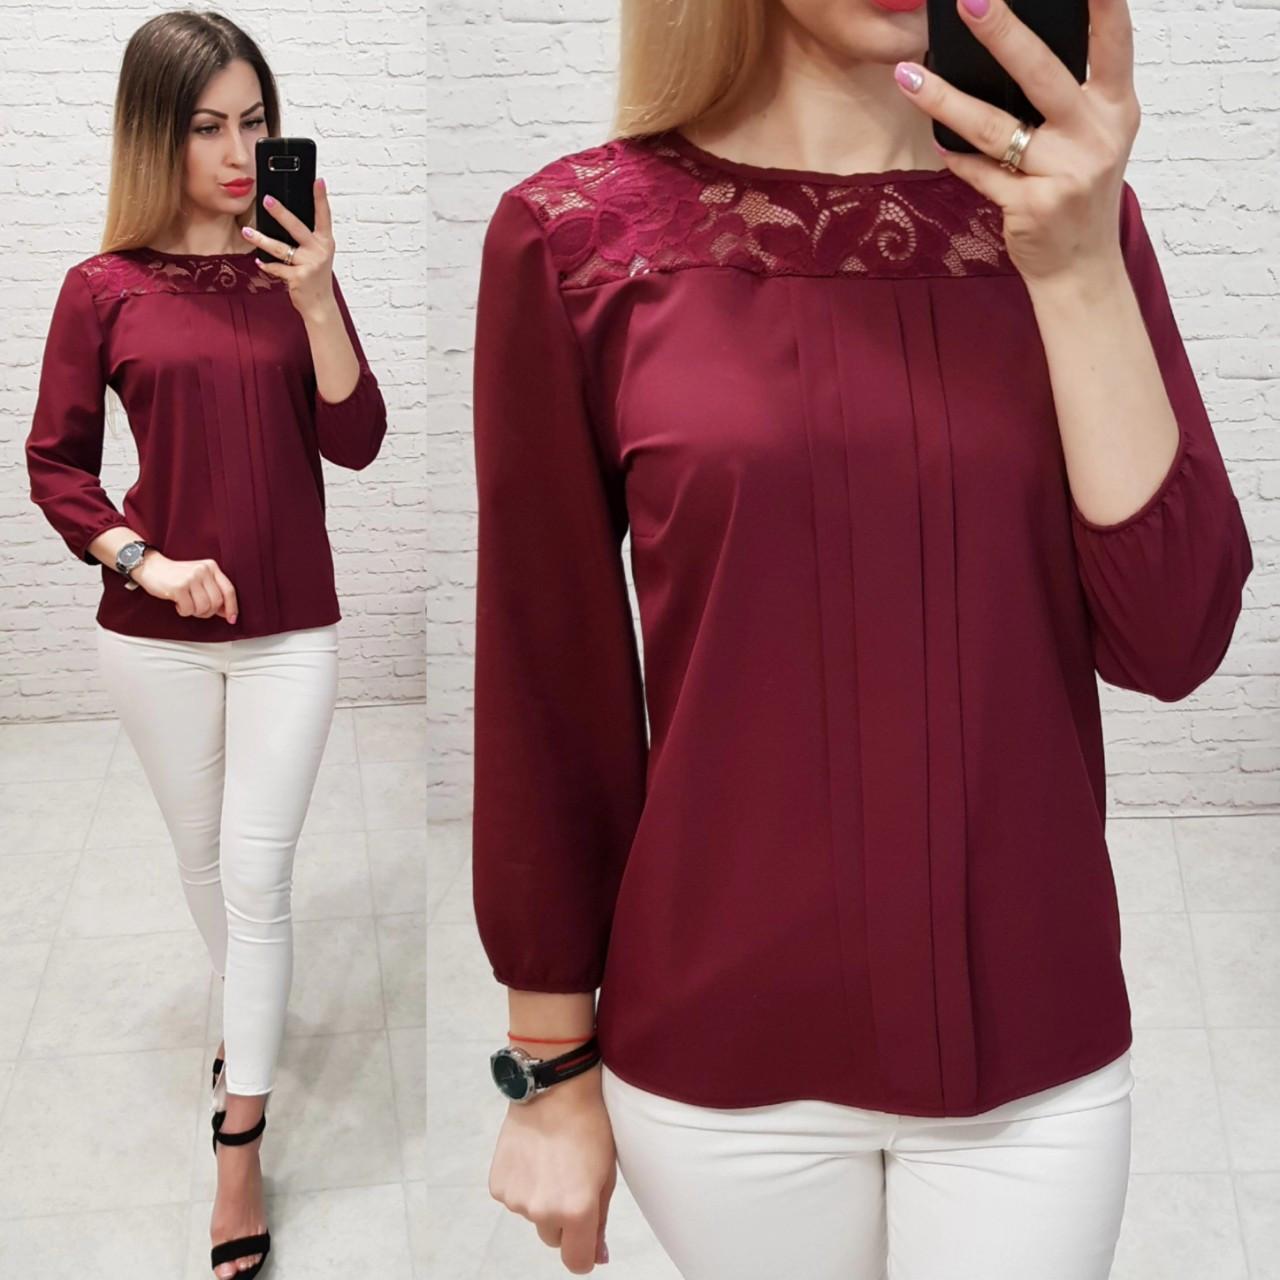 Блуза з мереживом арт. 793 бордо / марсала / вишневий